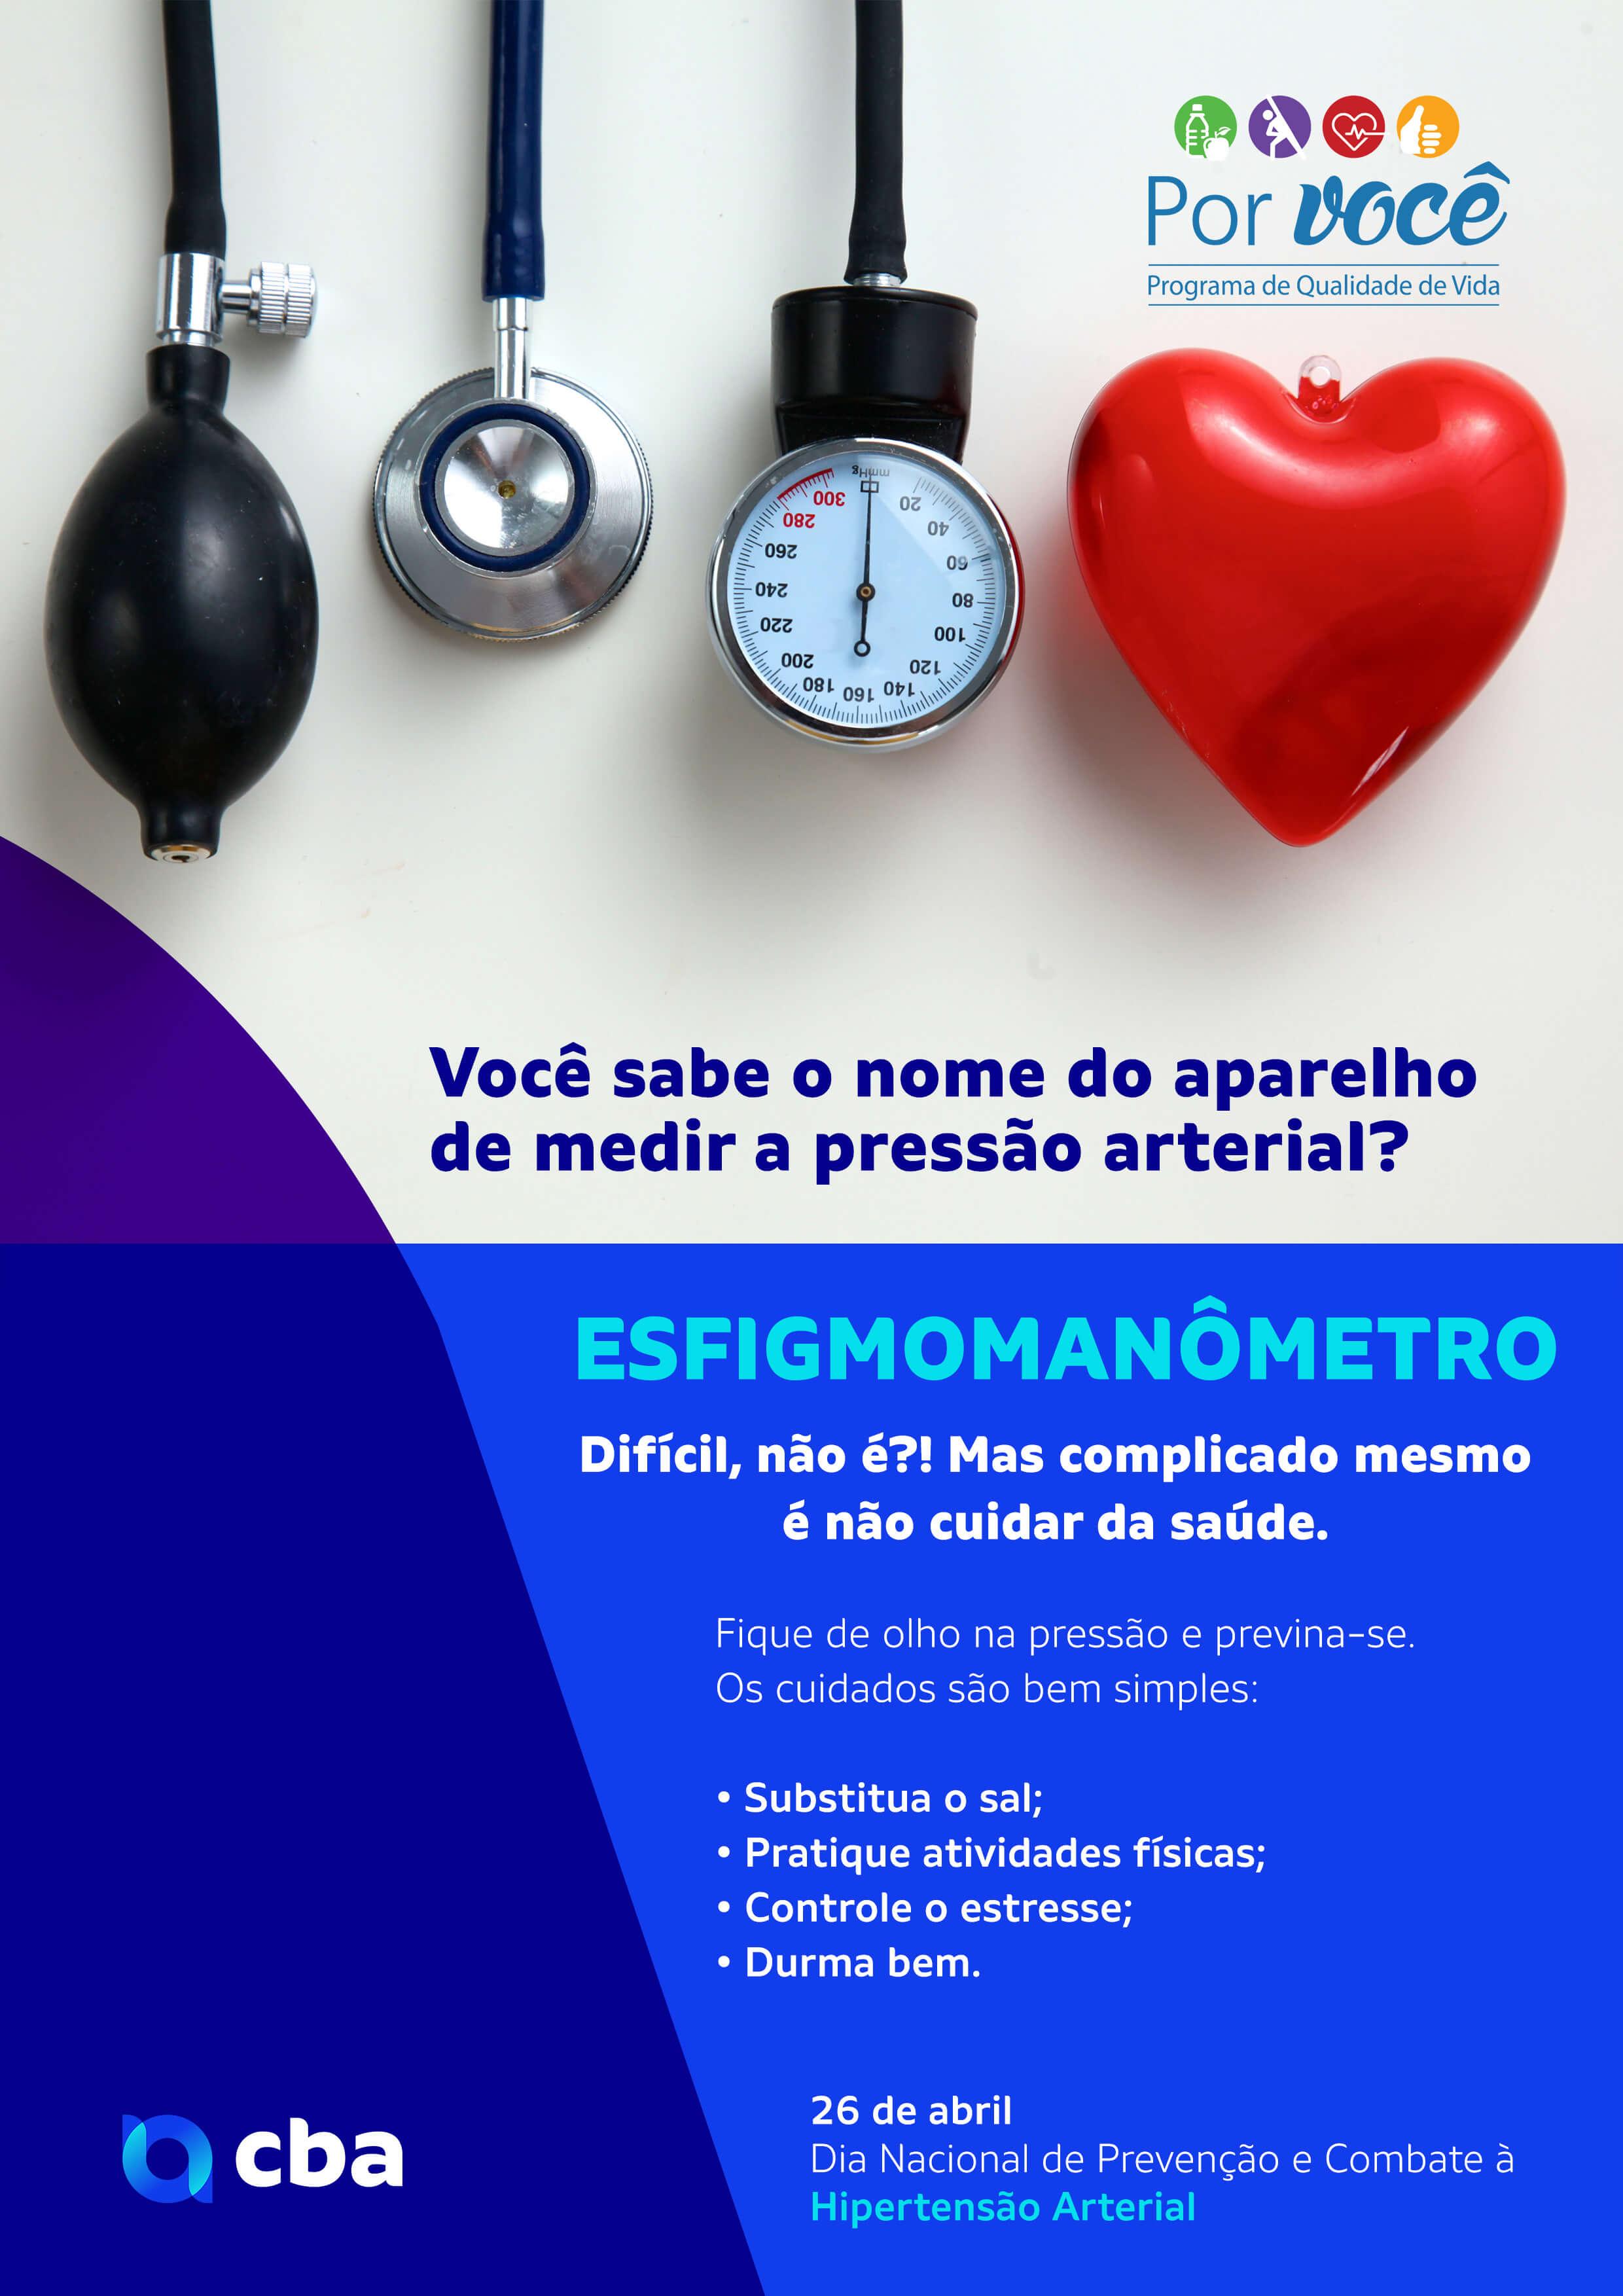 CBA – Dia Nacional de Prevenção e Combate à Hipertensão Arterial